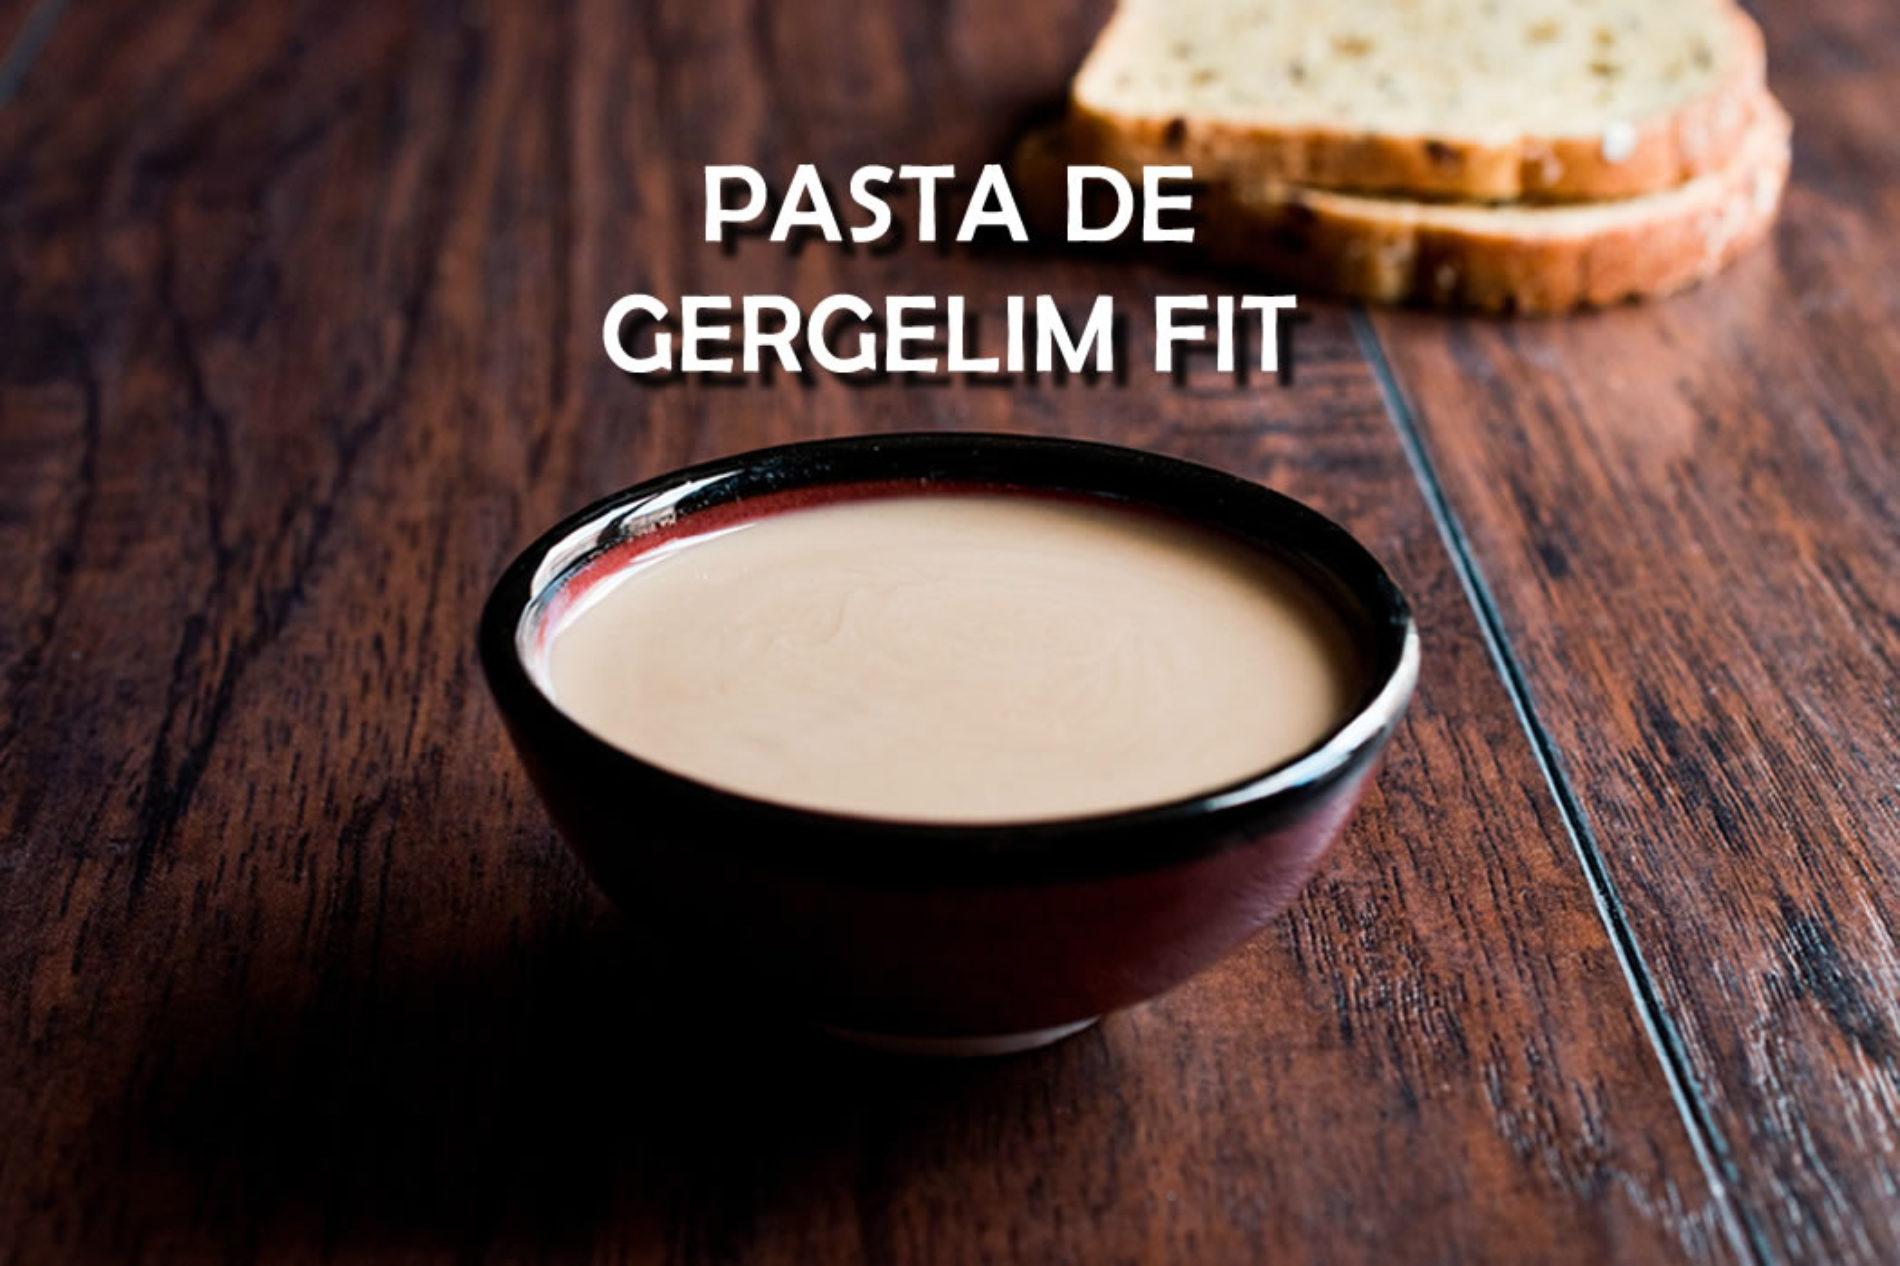 Pasta de gergelim FIT o Tahine saudável